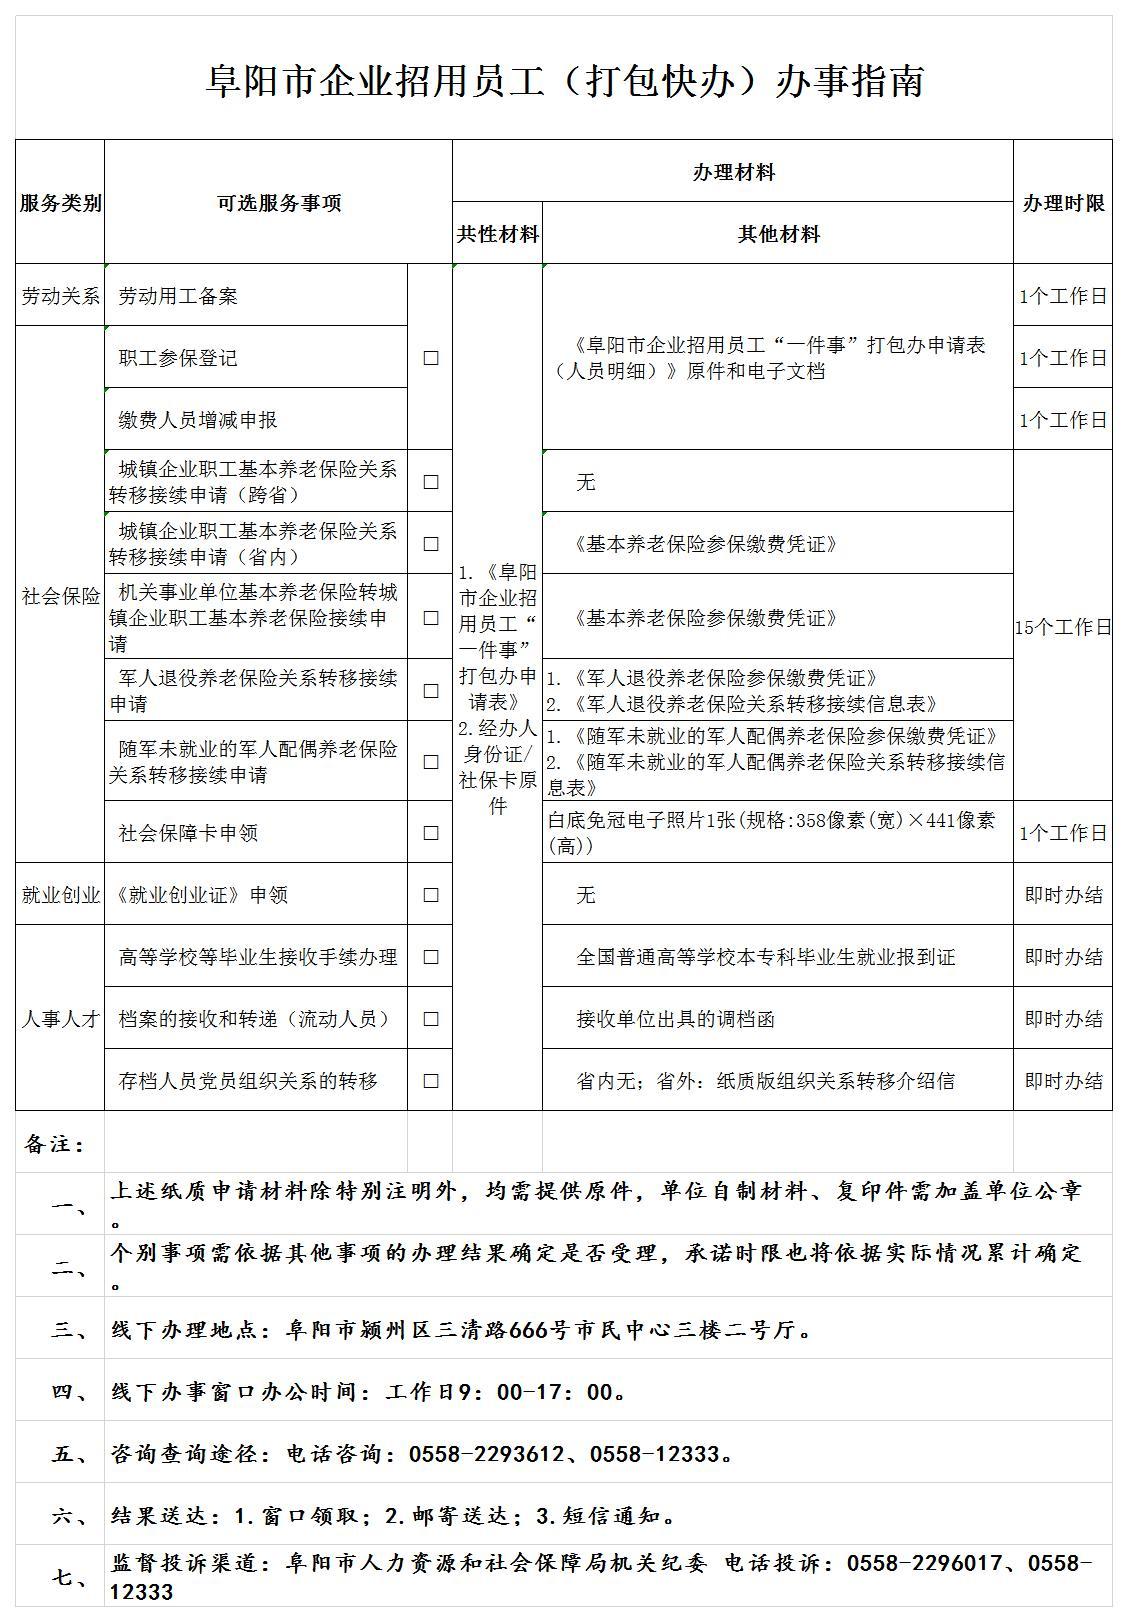 阜阳市企业招用员工(打包快办)办事指南.jpg